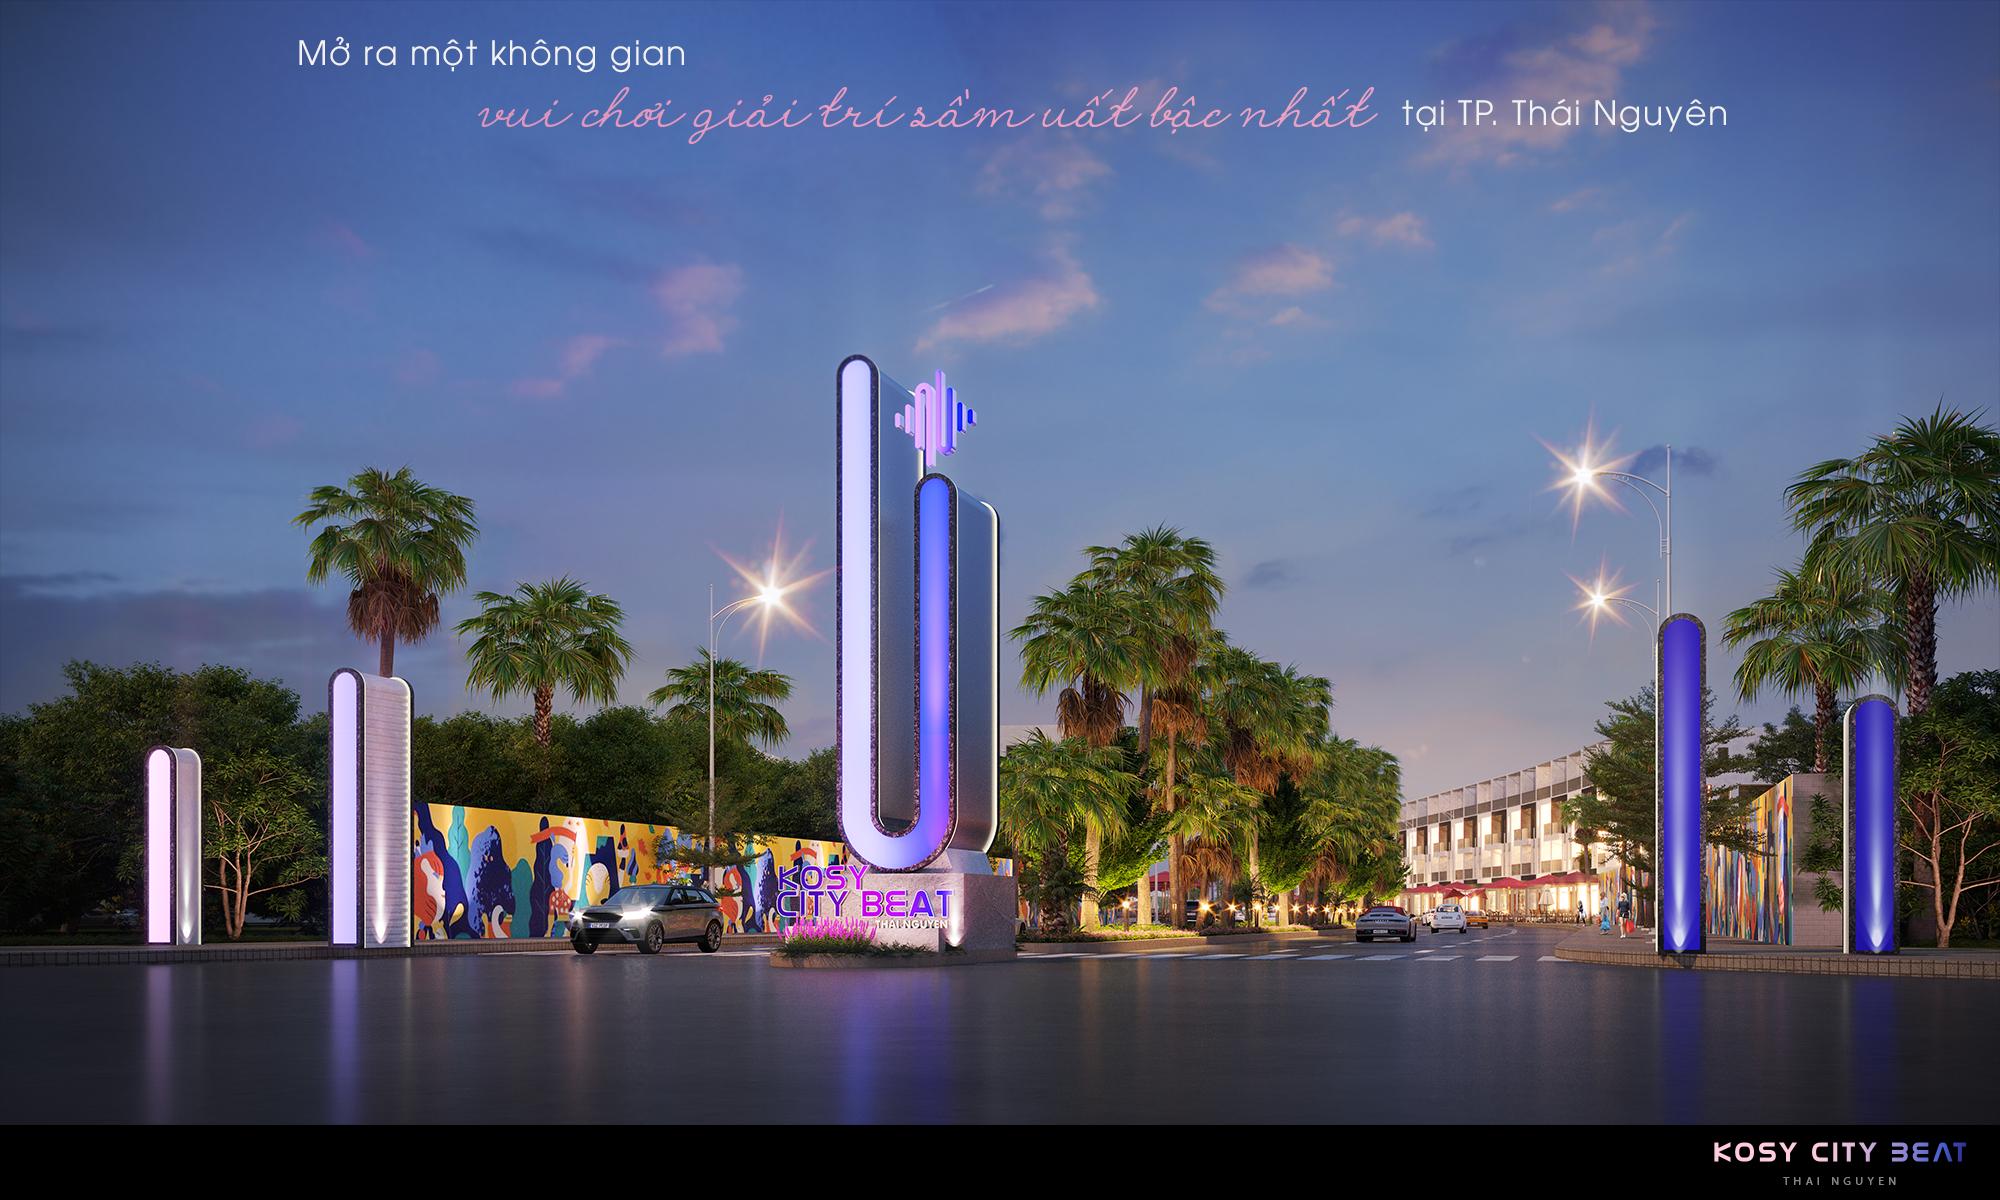 Cuộc sống thăng hoa, nhịp đập lan tỏa tại khu đô thị hiện đại bậc nhất TP. Thái Nguyên - Ảnh 3.